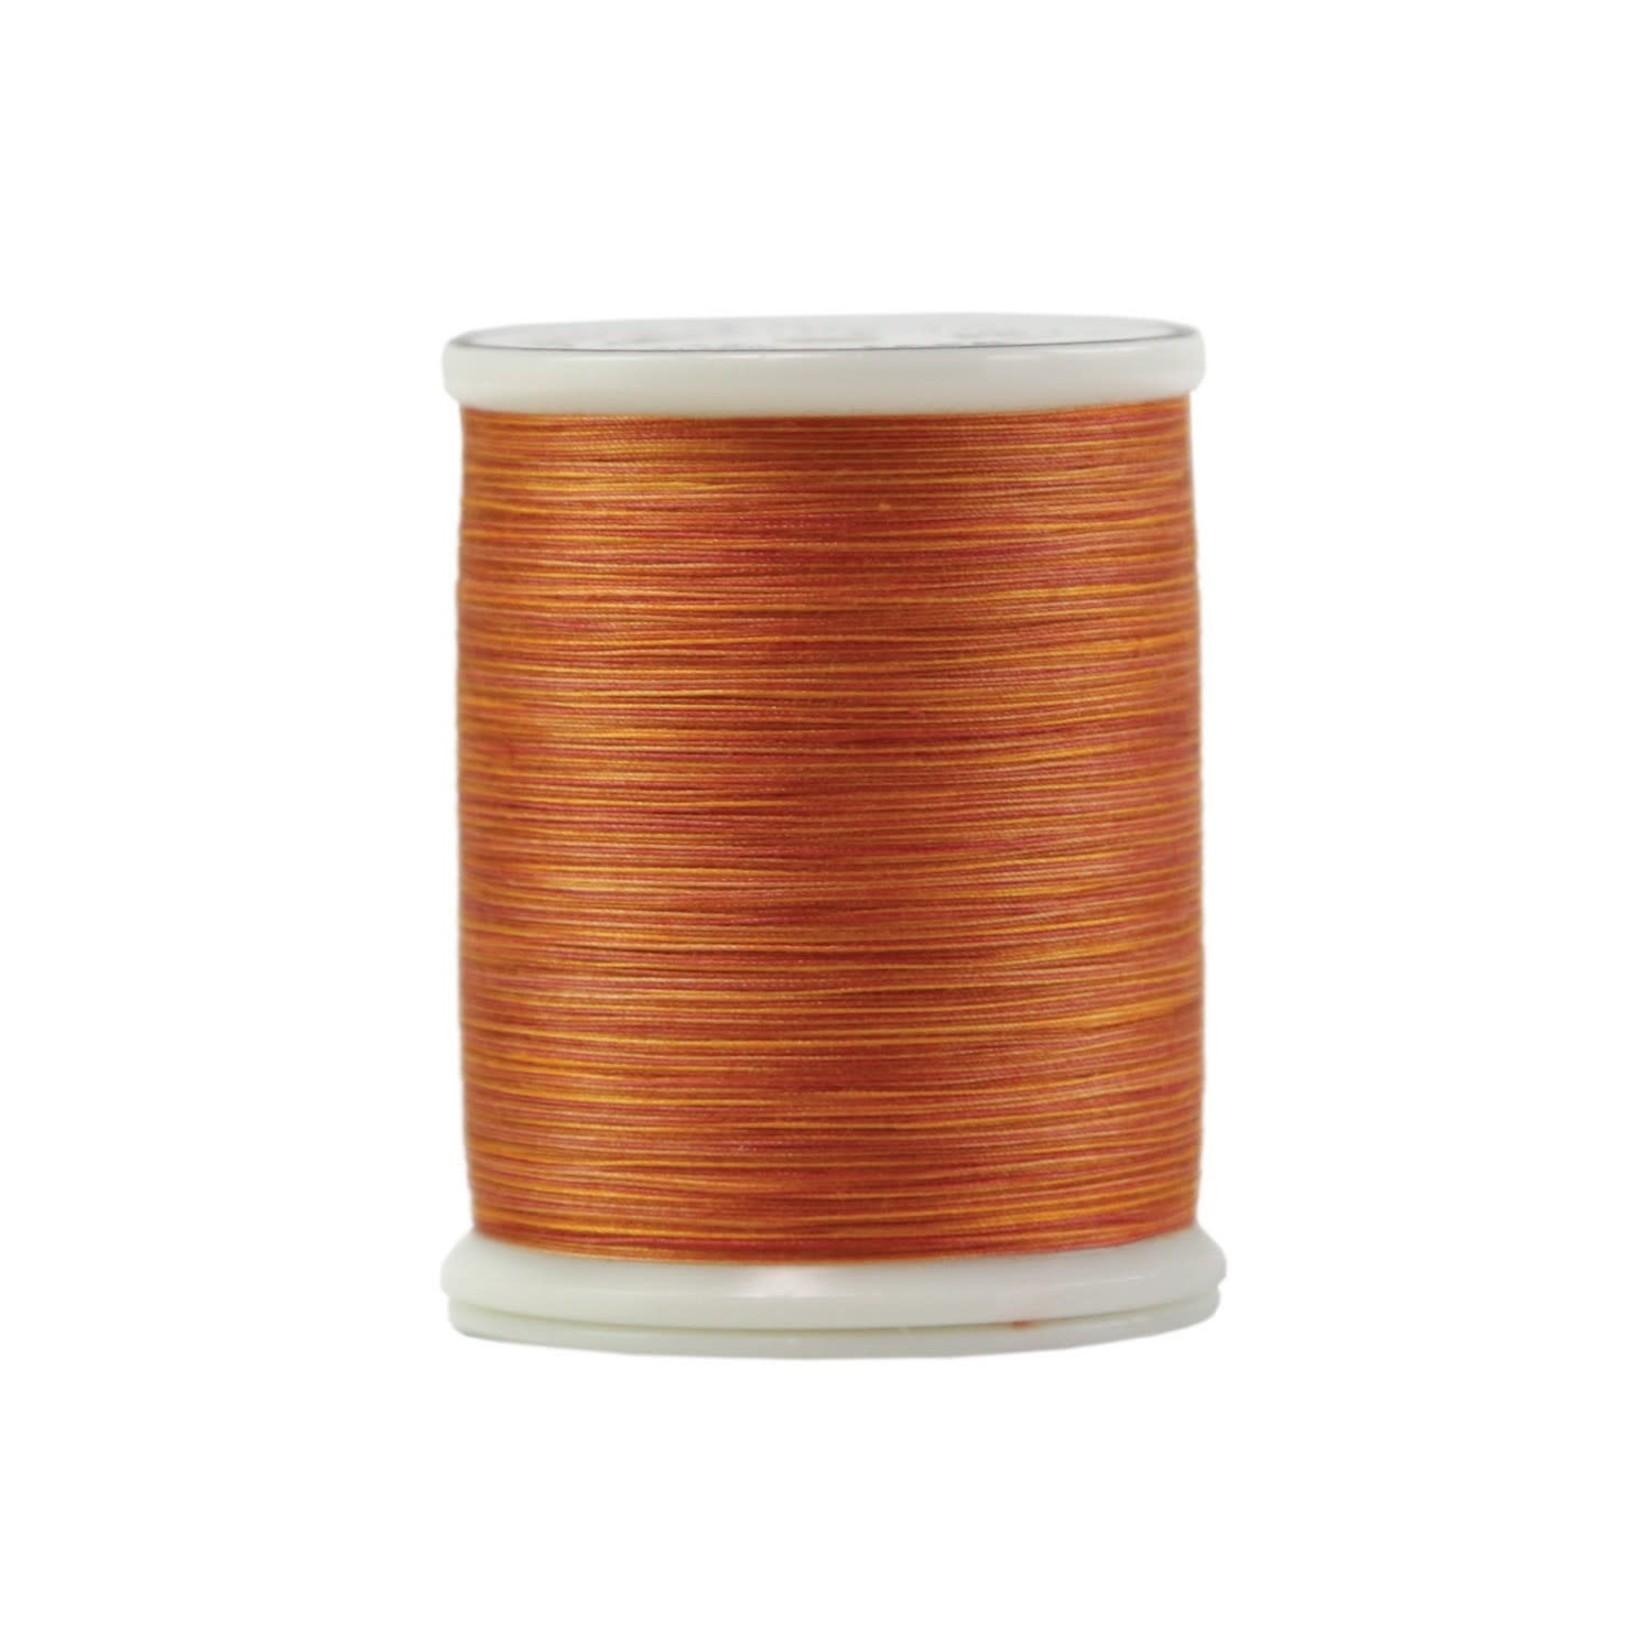 Superior Threads King Tut - #40 - 457 m - 1058 Pumpkin Spice